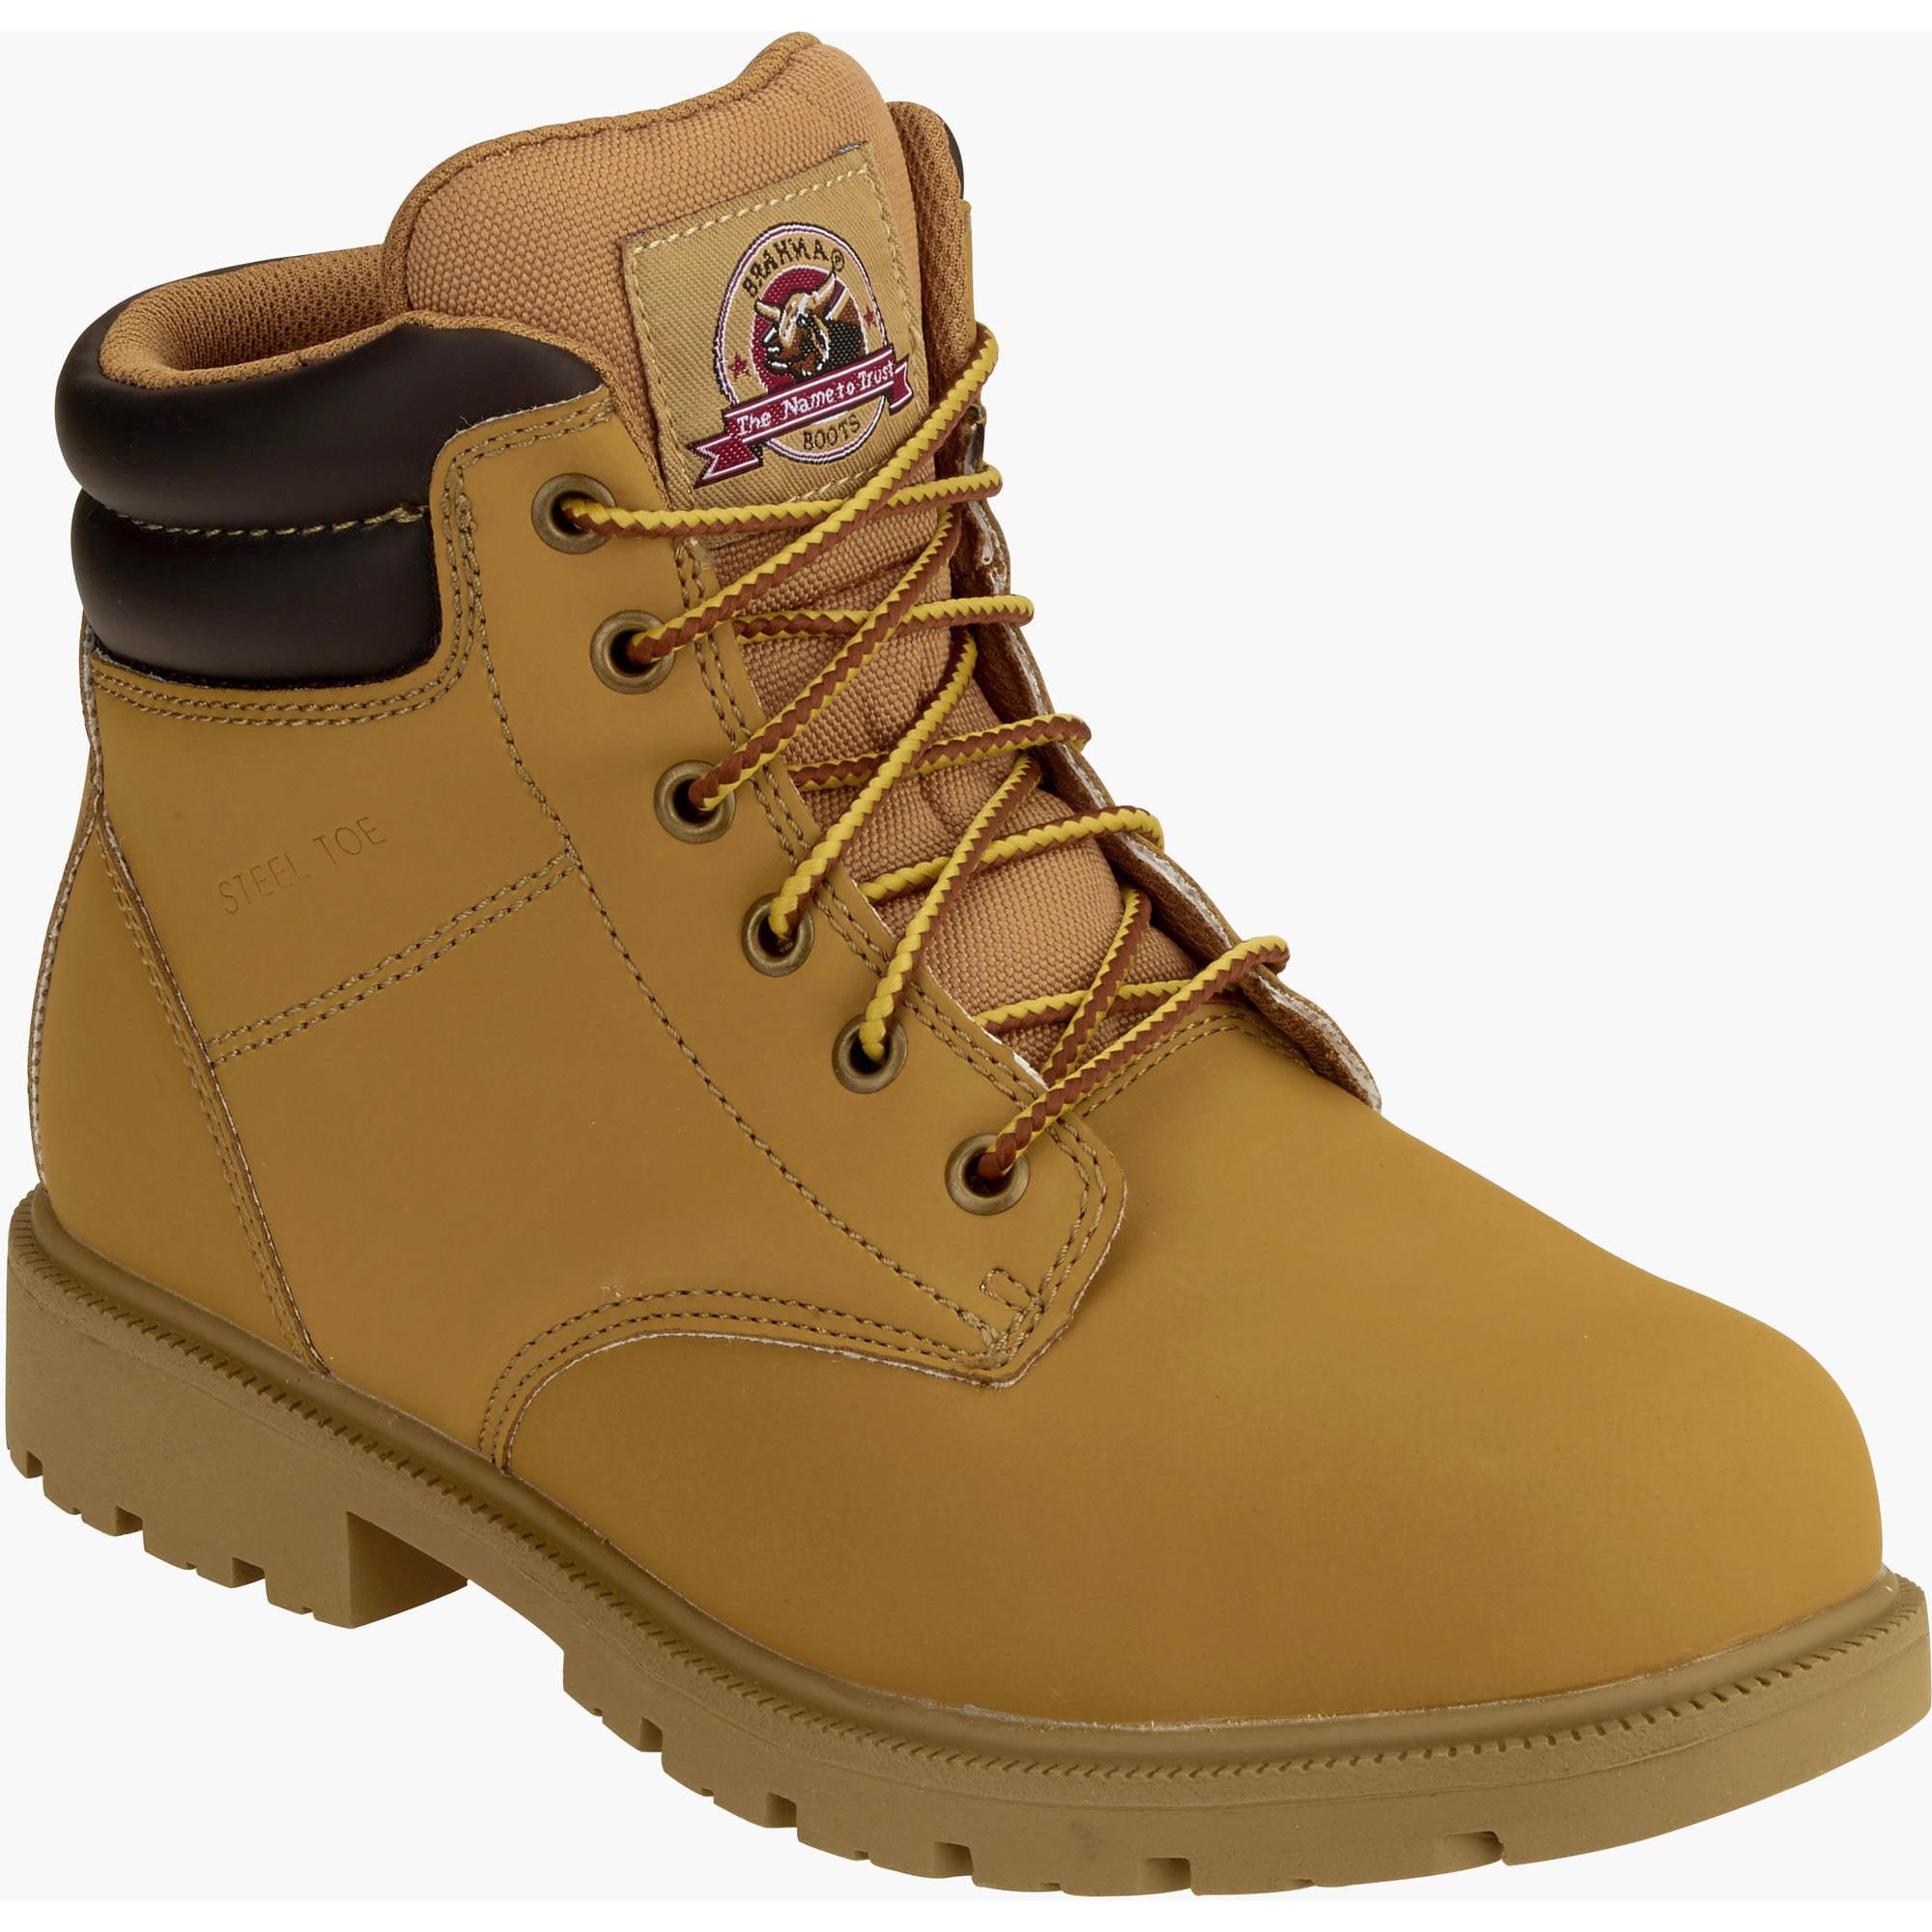 Brahma Men's Bay Steel Toe Pull On Work Boot - Walmart.com